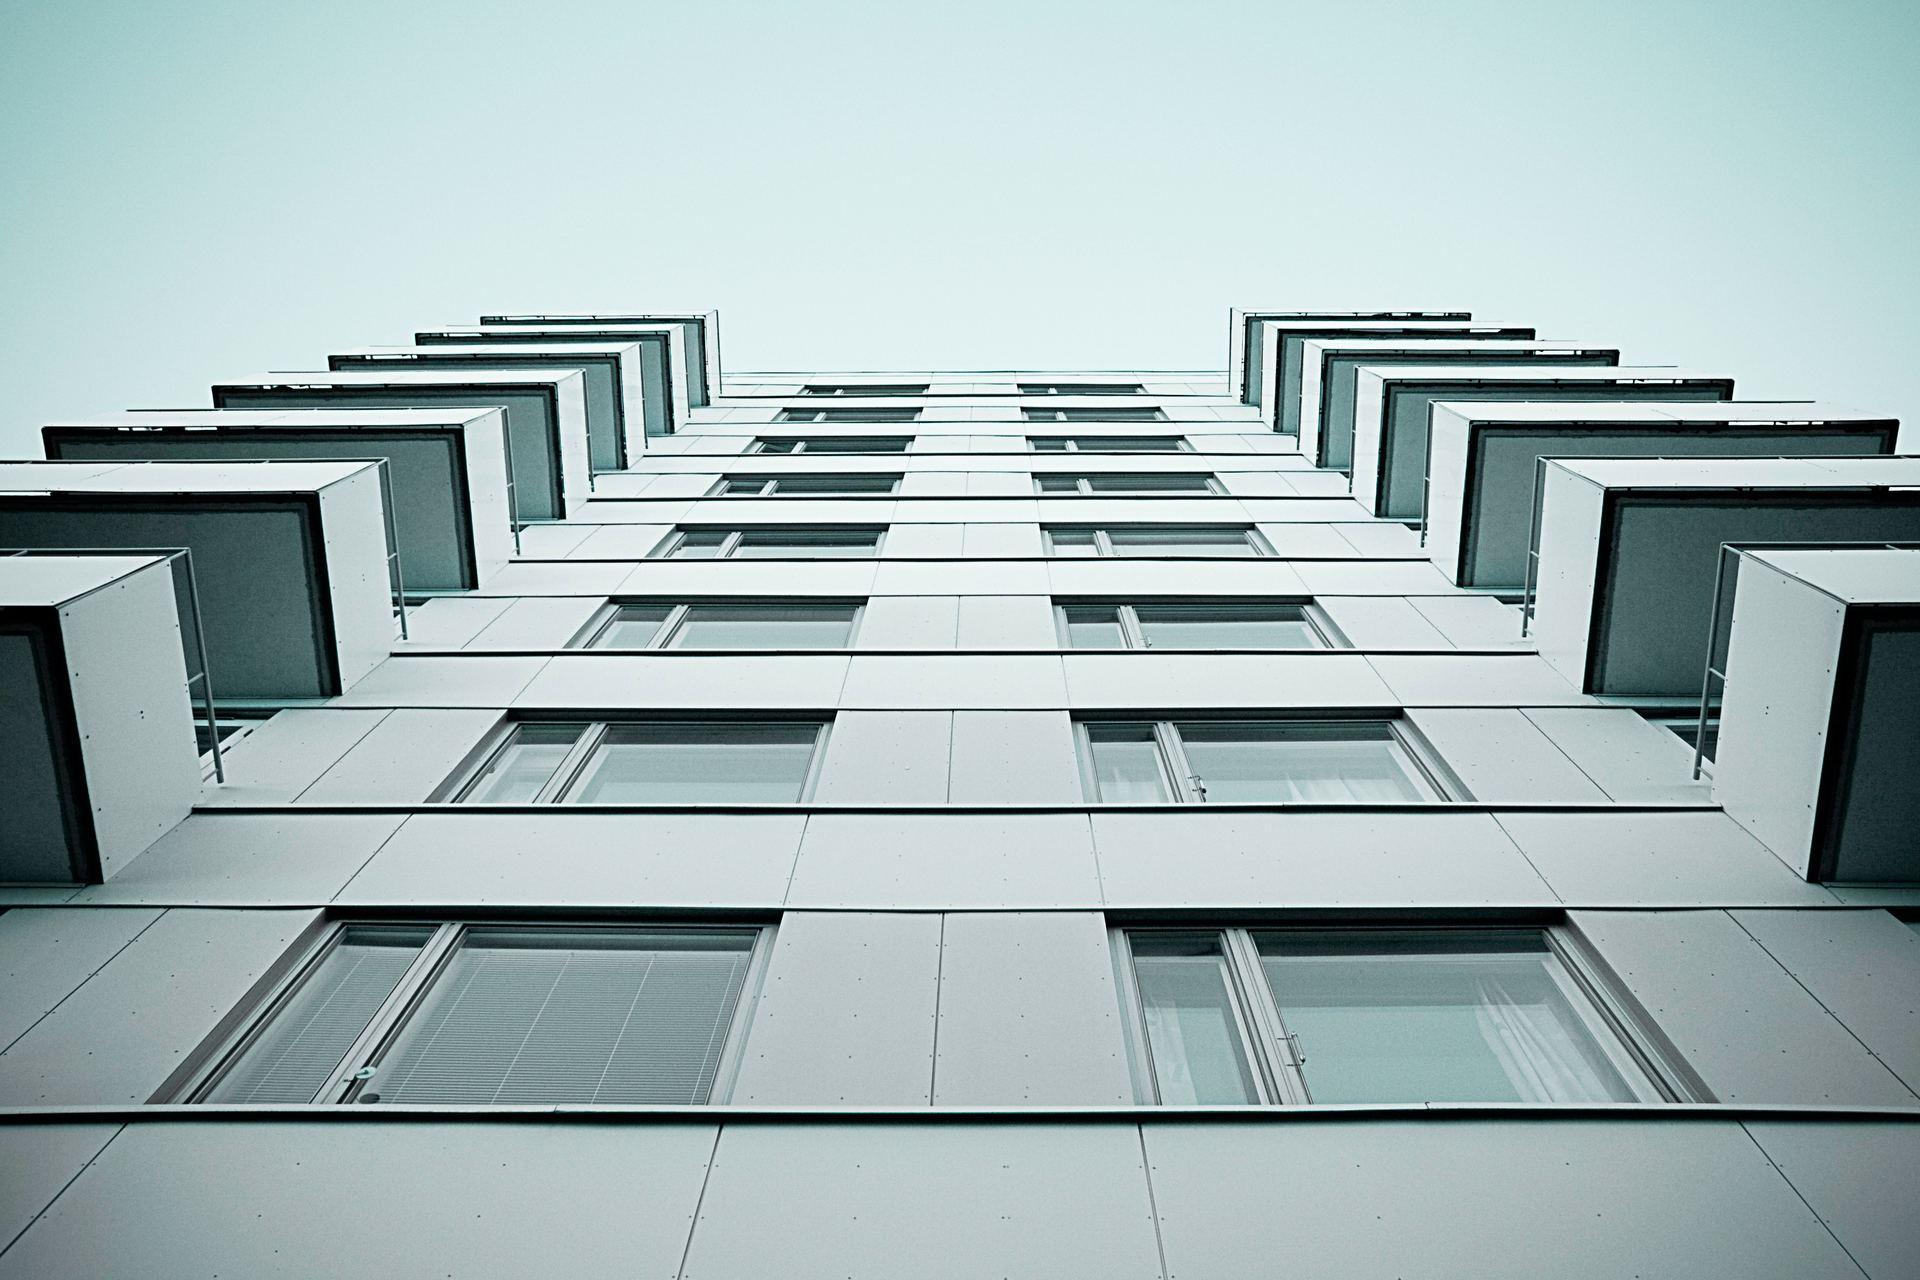 Sådan skal du IKKE skaffe lån til vinduer